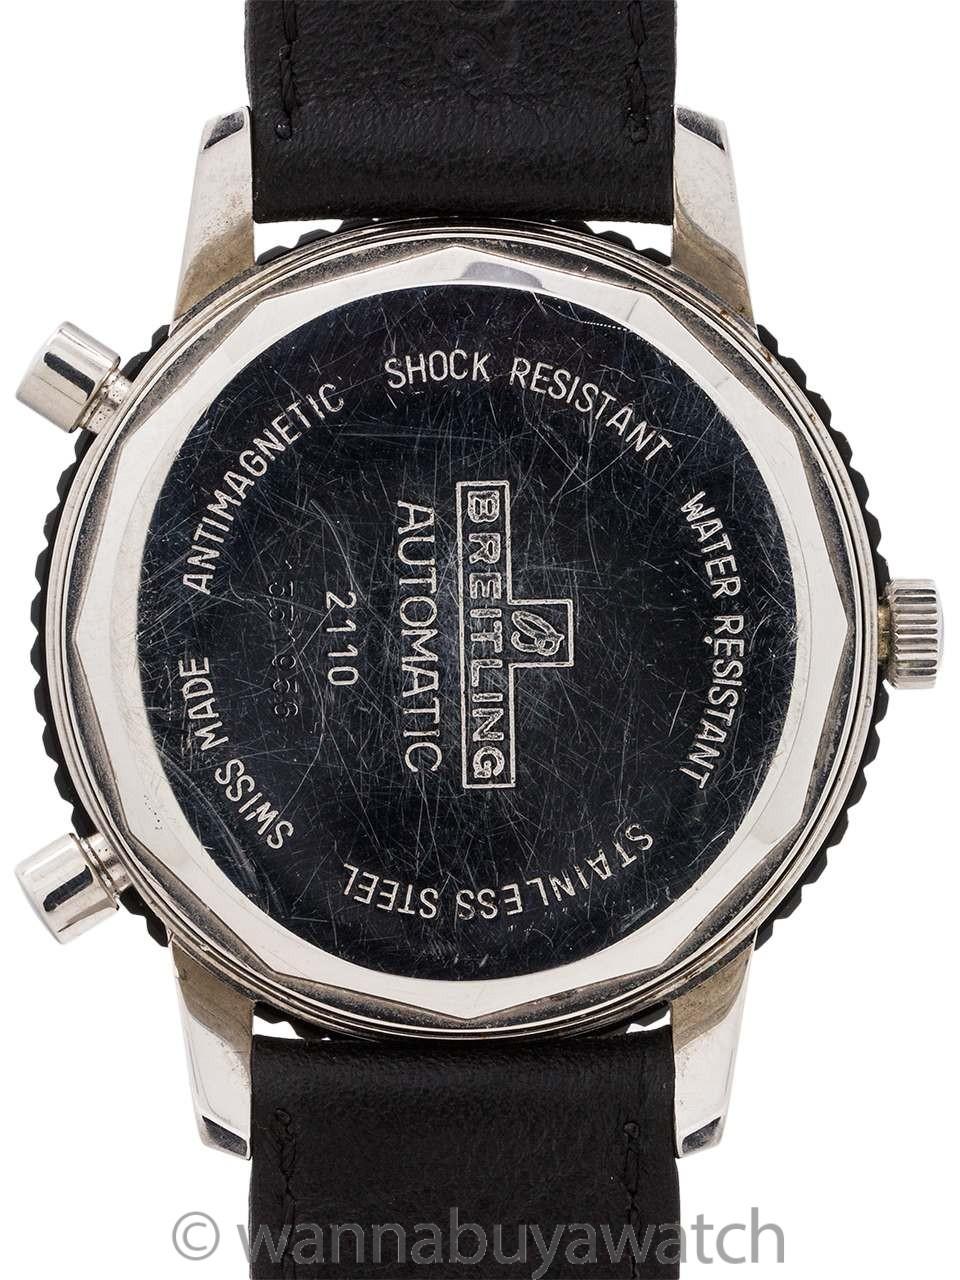 Breitling SS Chronomatic ref 2110 caliber 12 circa 1970